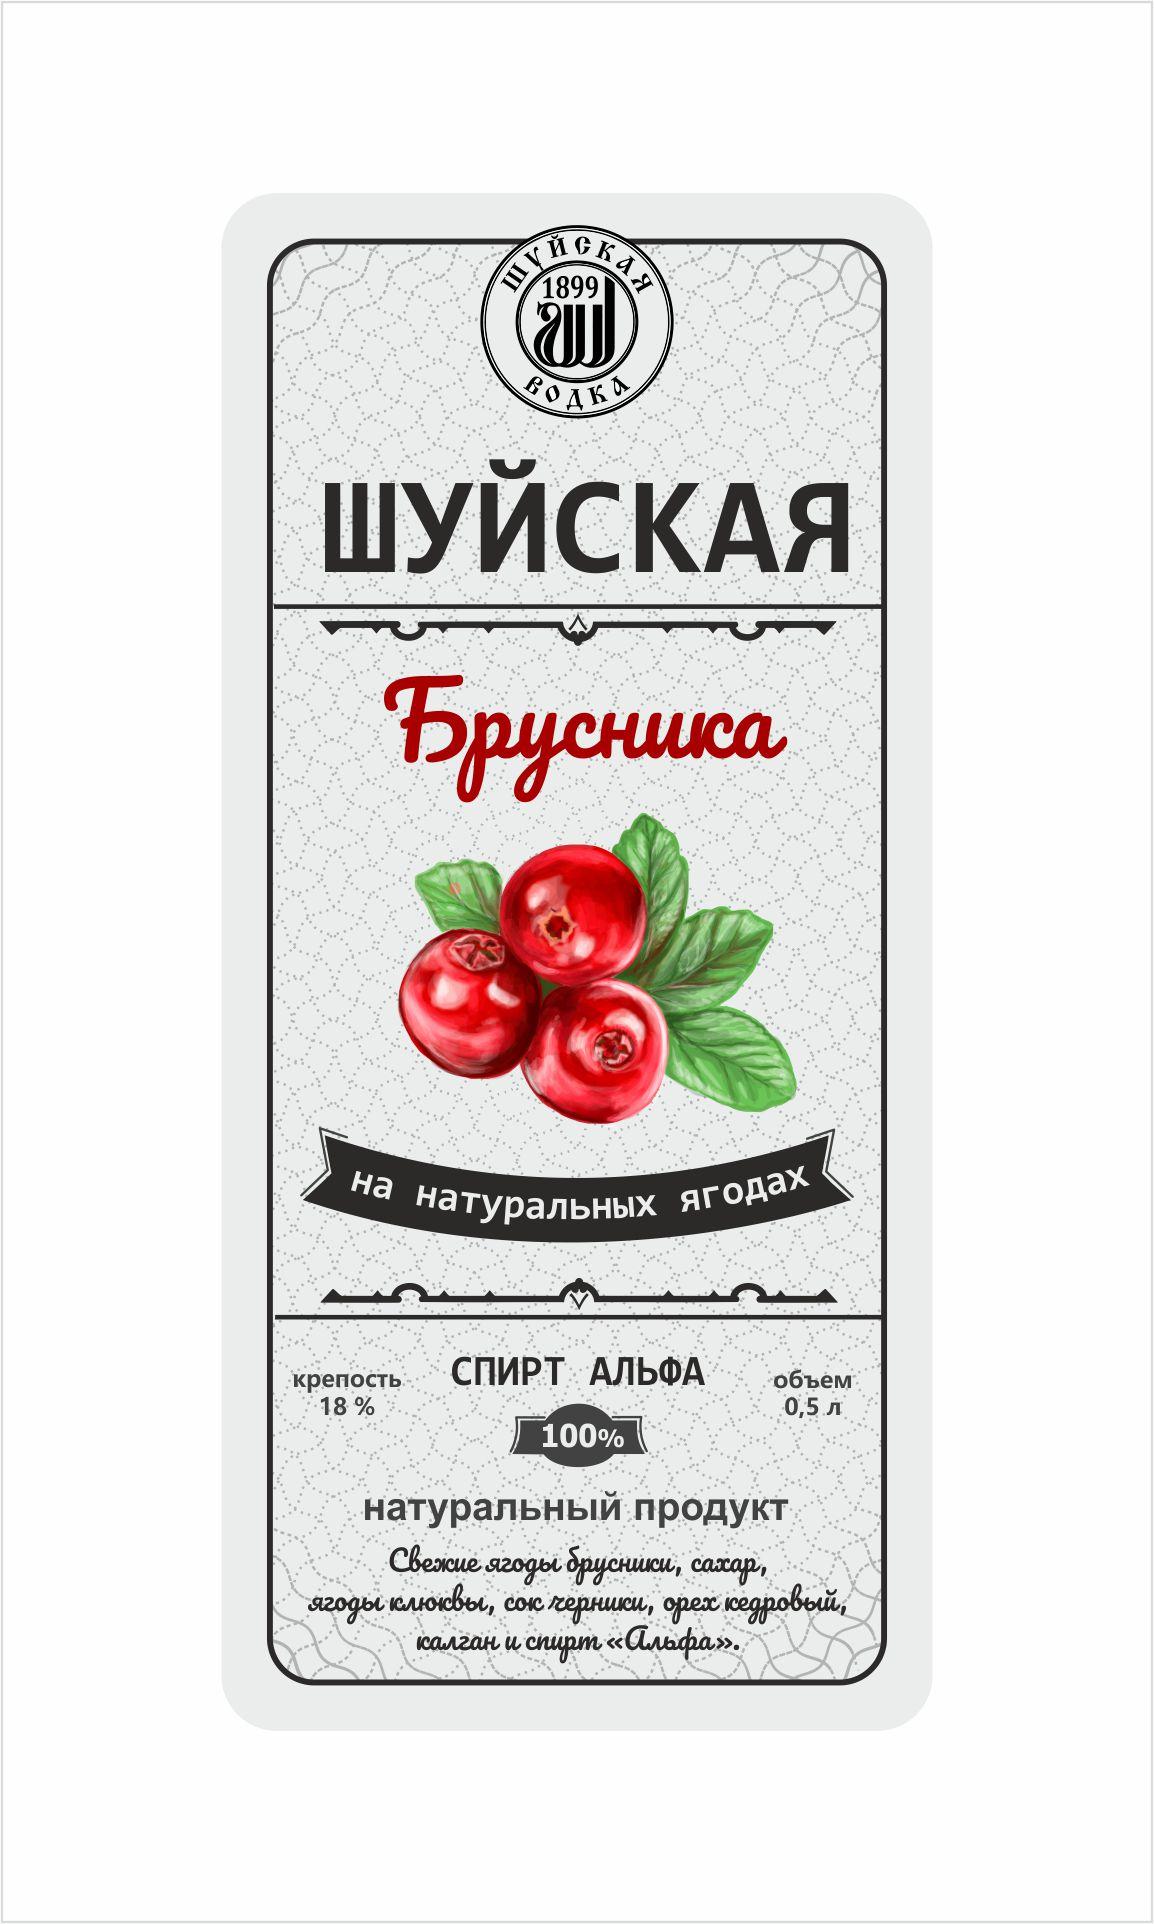 Дизайн этикетки алкогольного продукта (сладкая настойка) фото f_4455f849c63d12b1.jpg